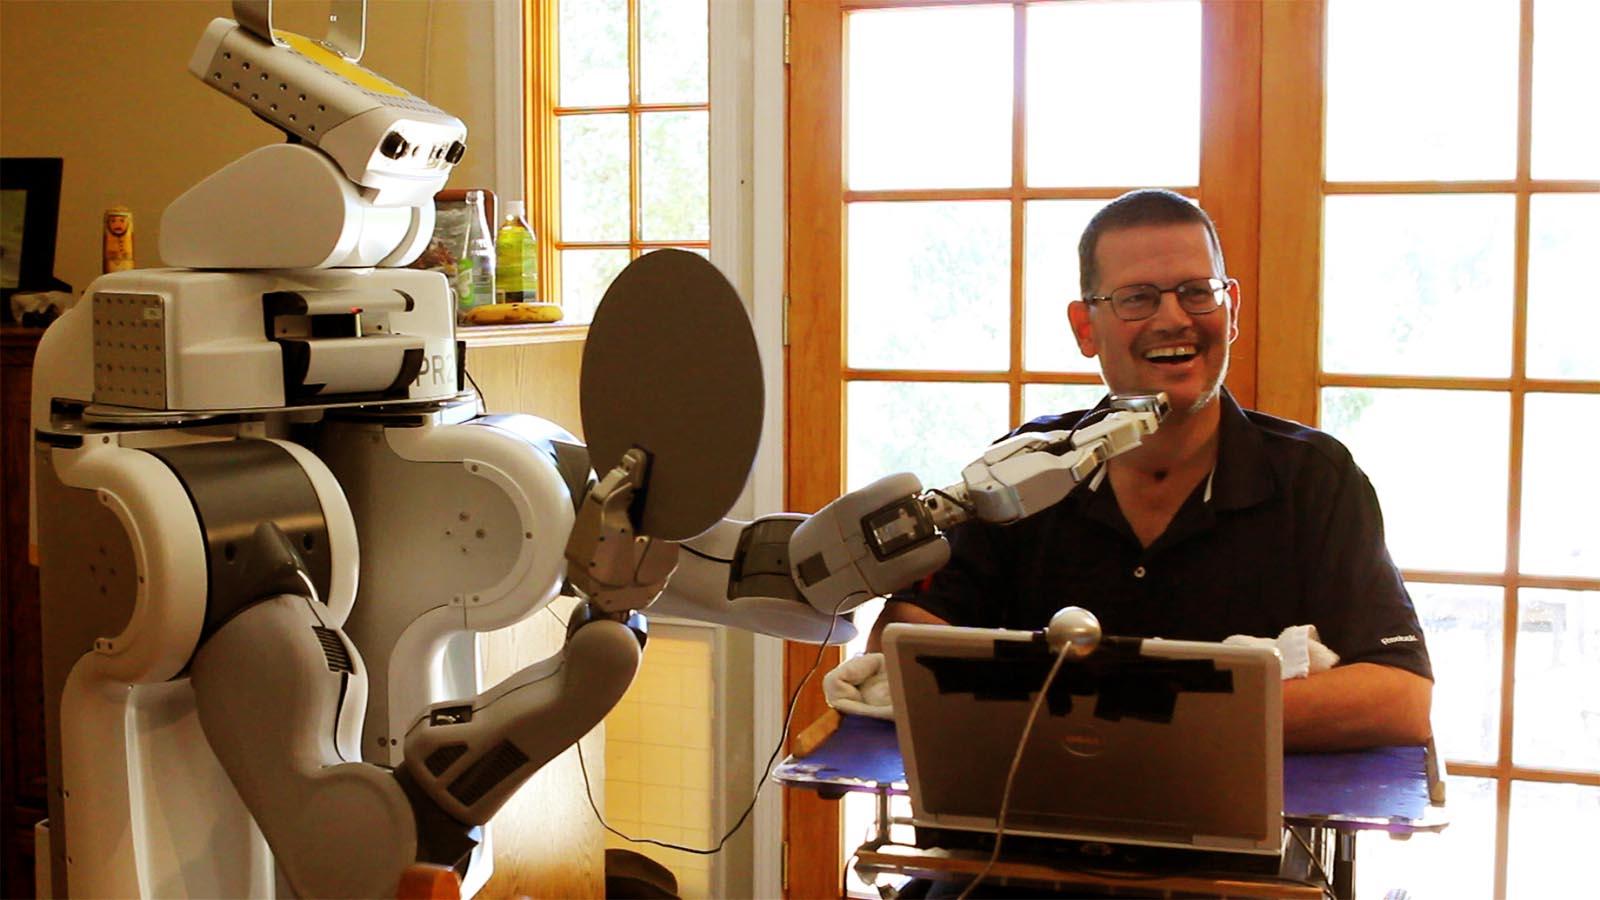 هشت کاربرد هوش مصنوعی که بازاریابی شما را متحول میکند